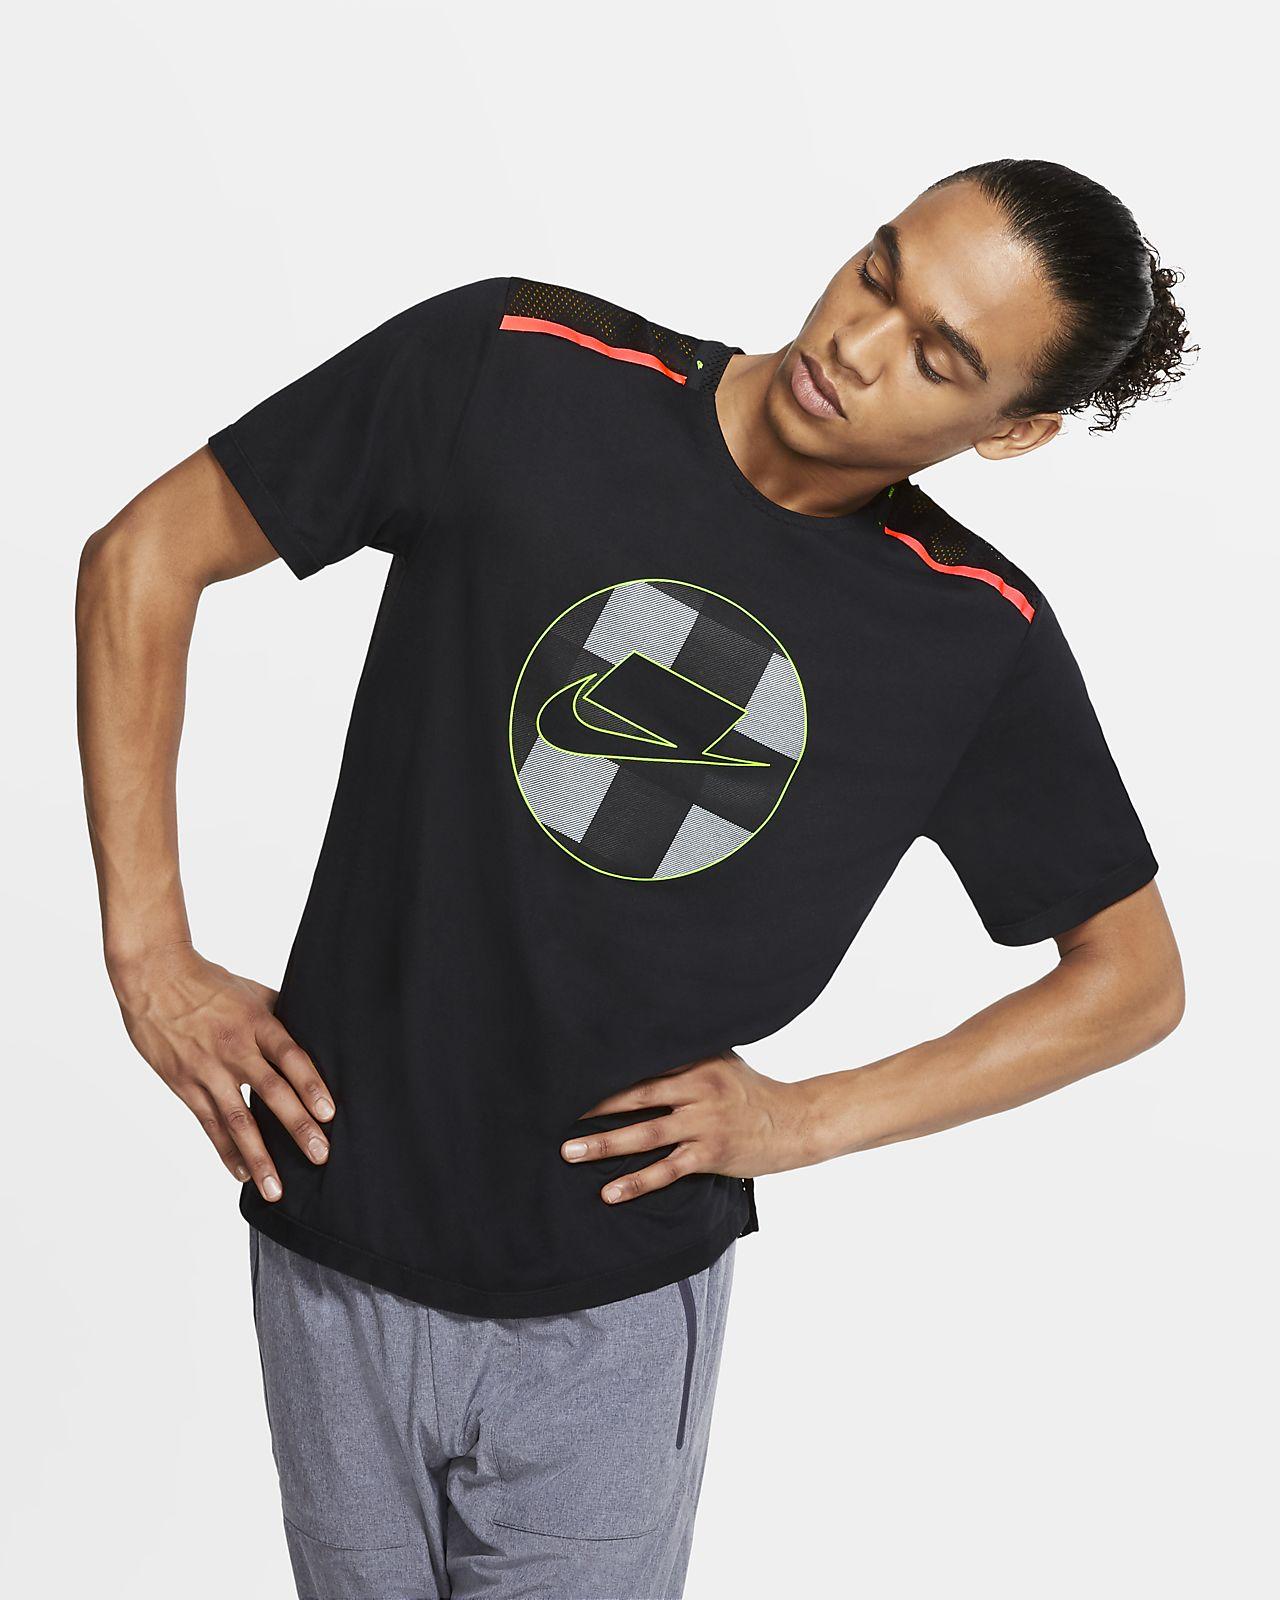 Pánské síťované běžecké tričko Nike Wild Run s krátkým rukávem